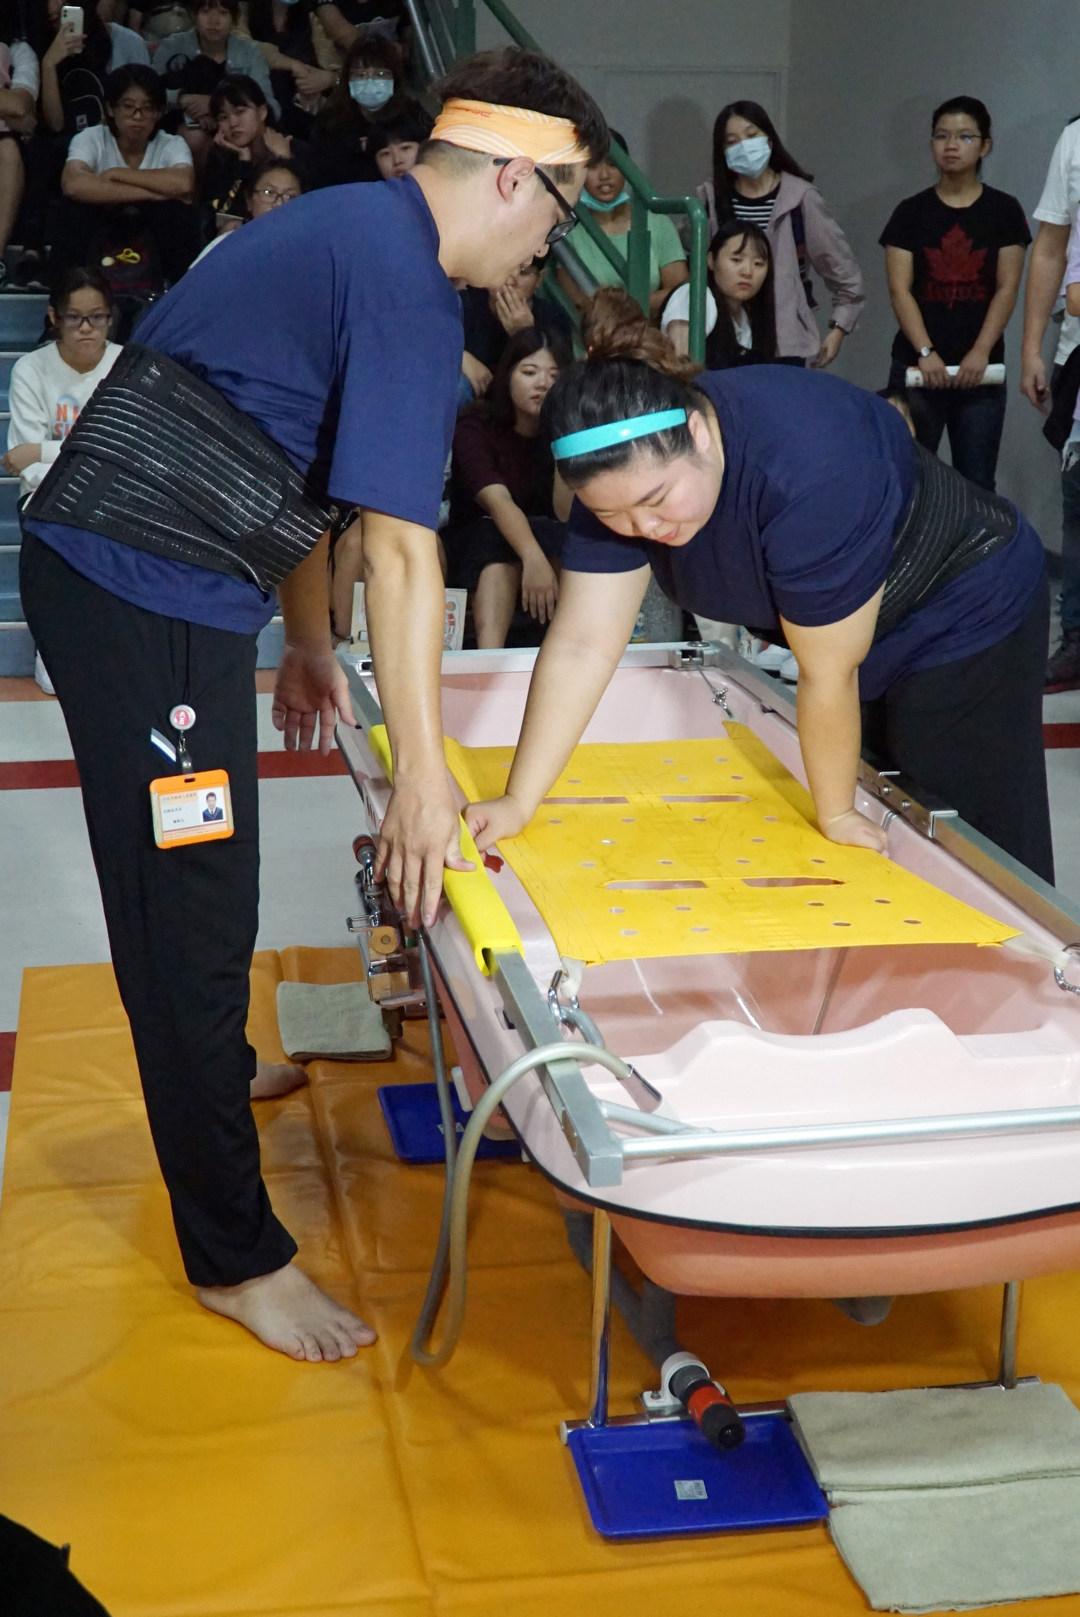 大葉大學護理系邀請永信社福基金會示範教學到宅沐浴服務-大葉大學